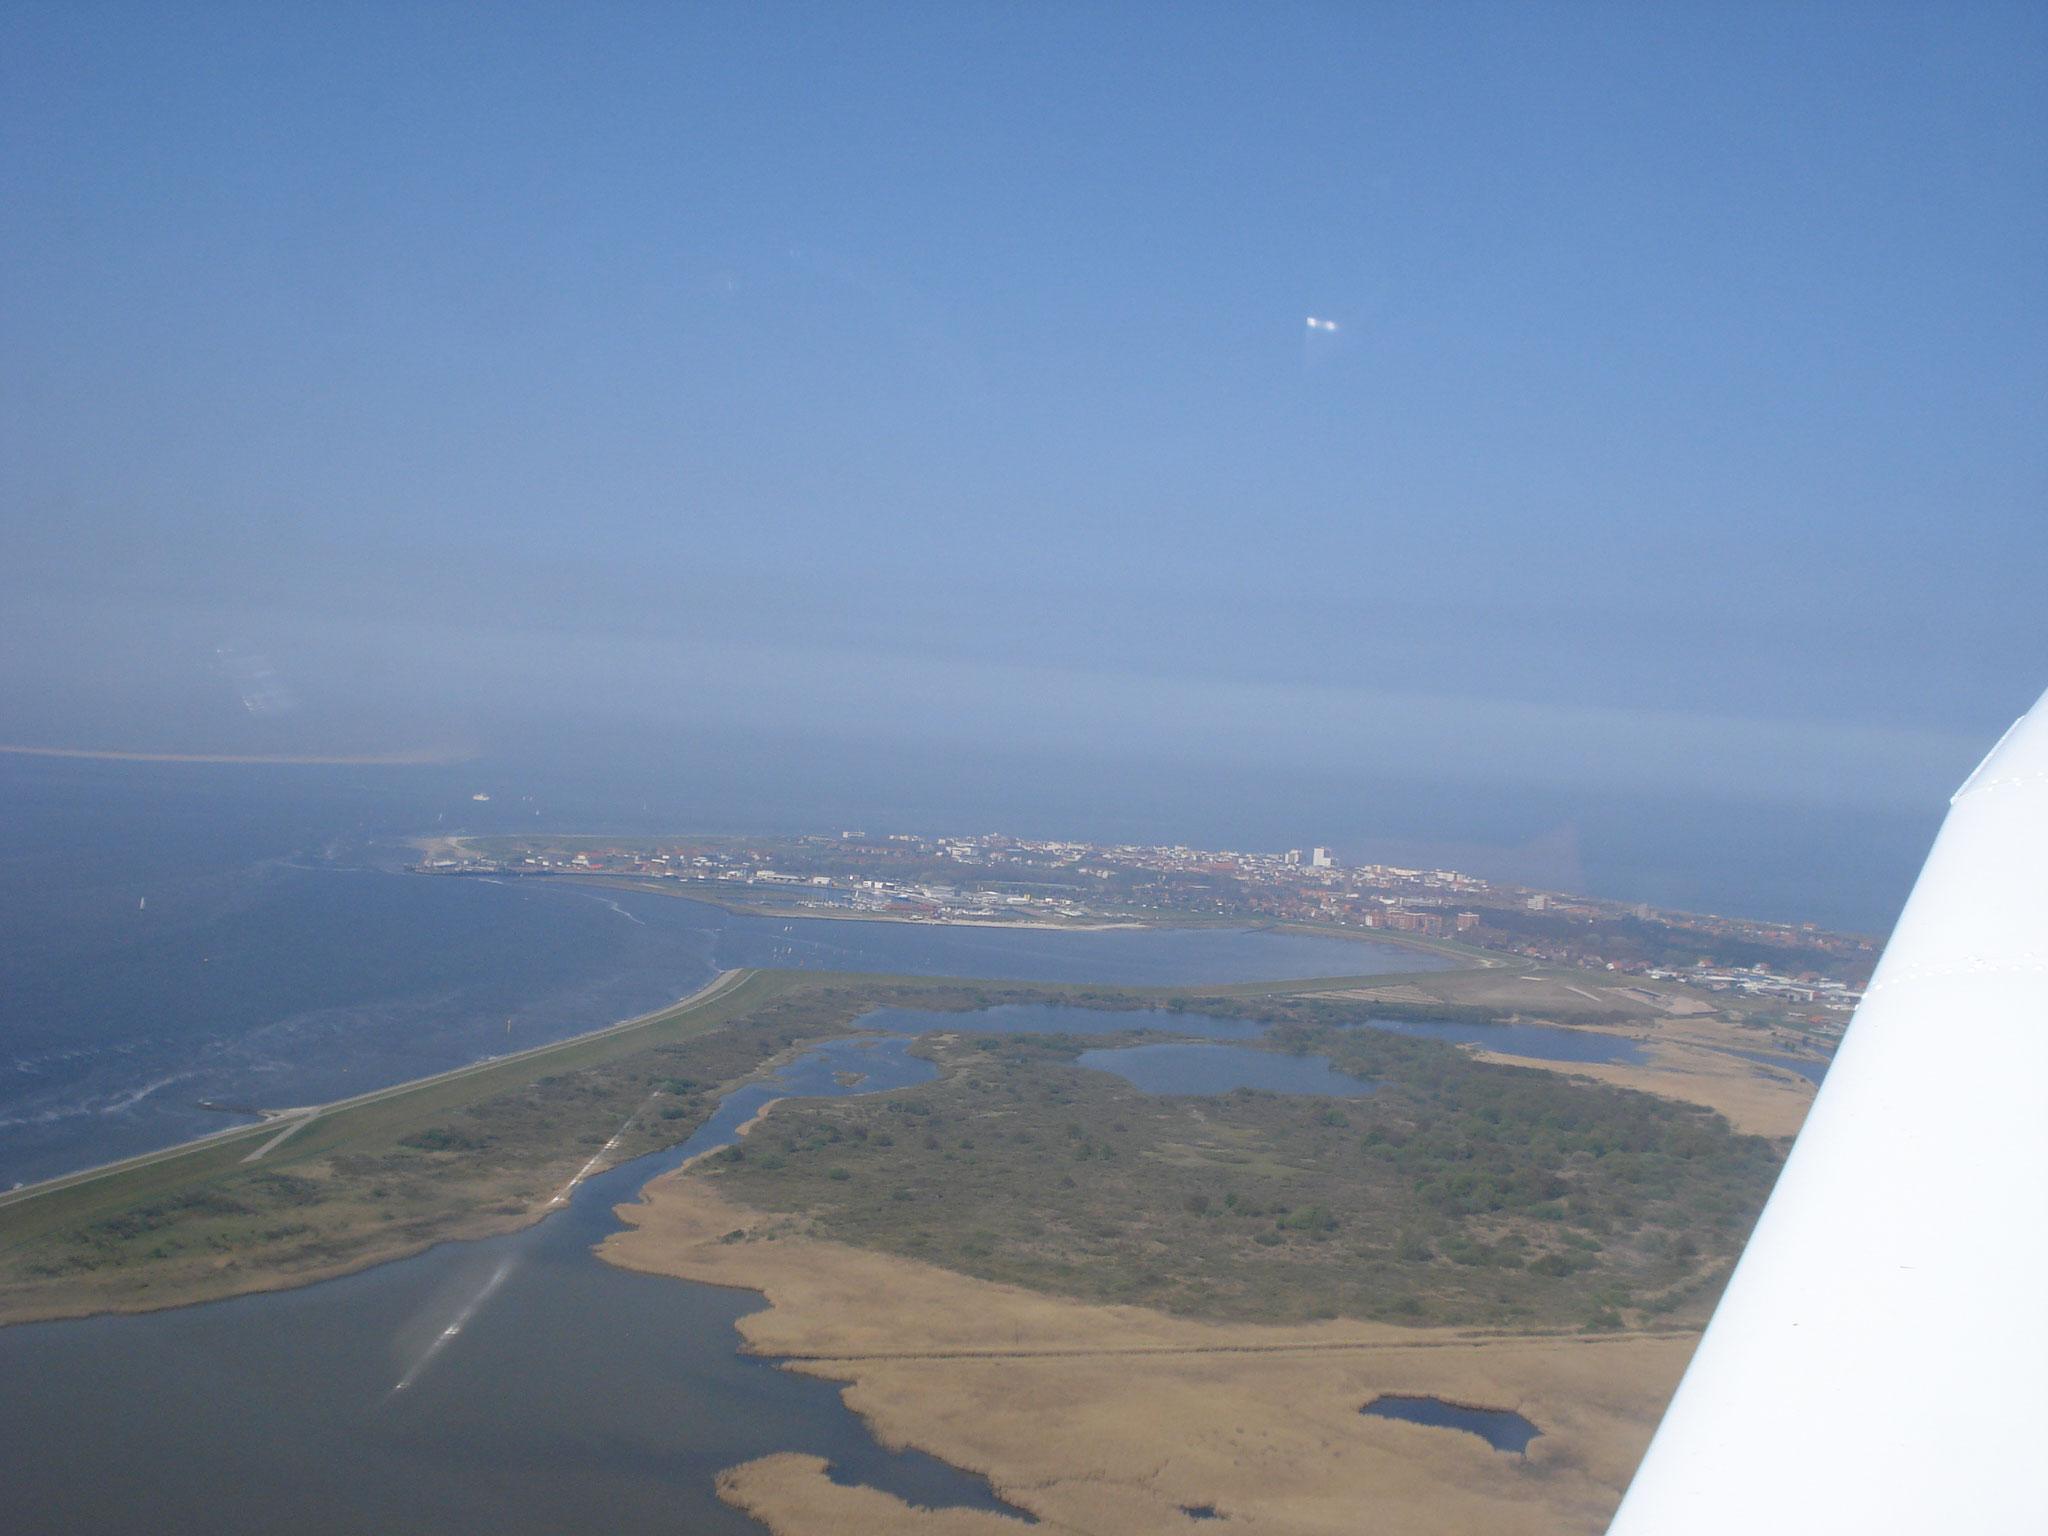 L'île de Norderney